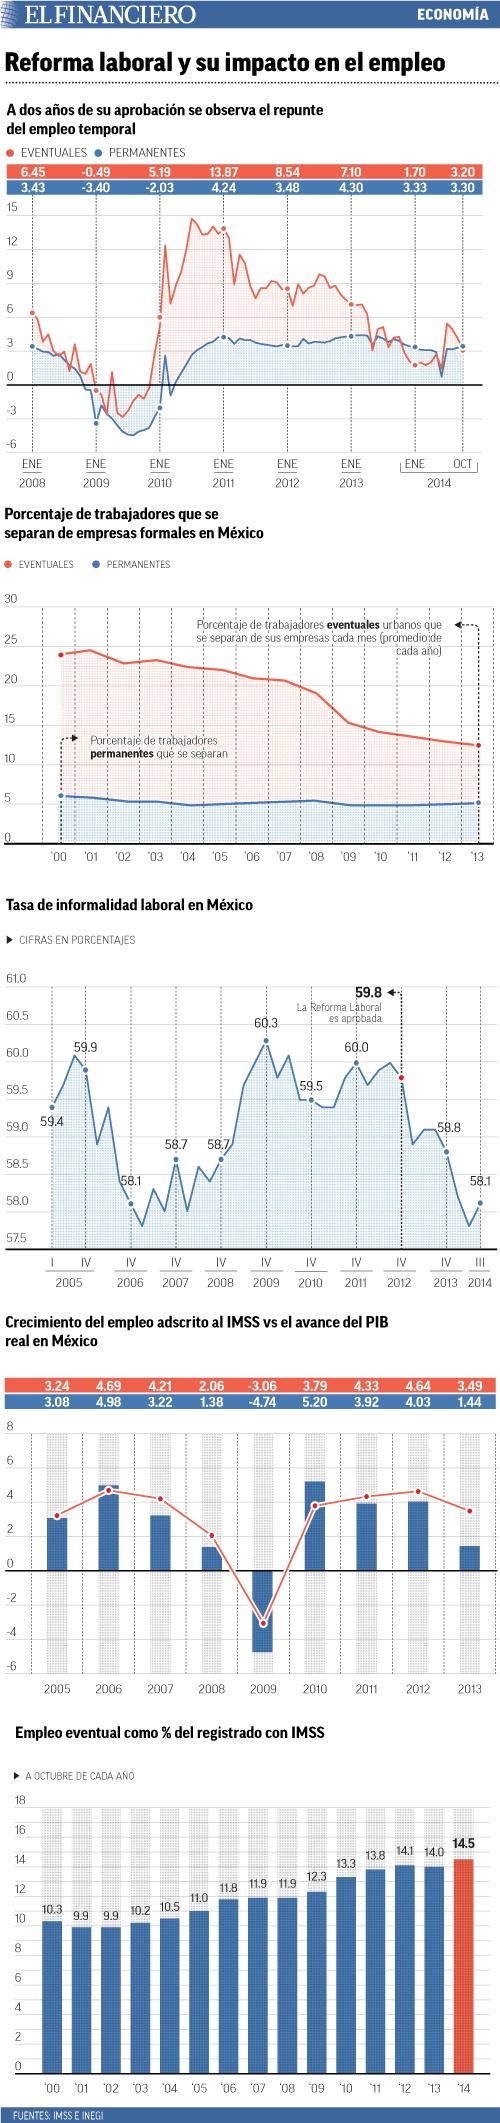 """""""reforma_laboral_y_su_impacto_en_el_empleo"""""""